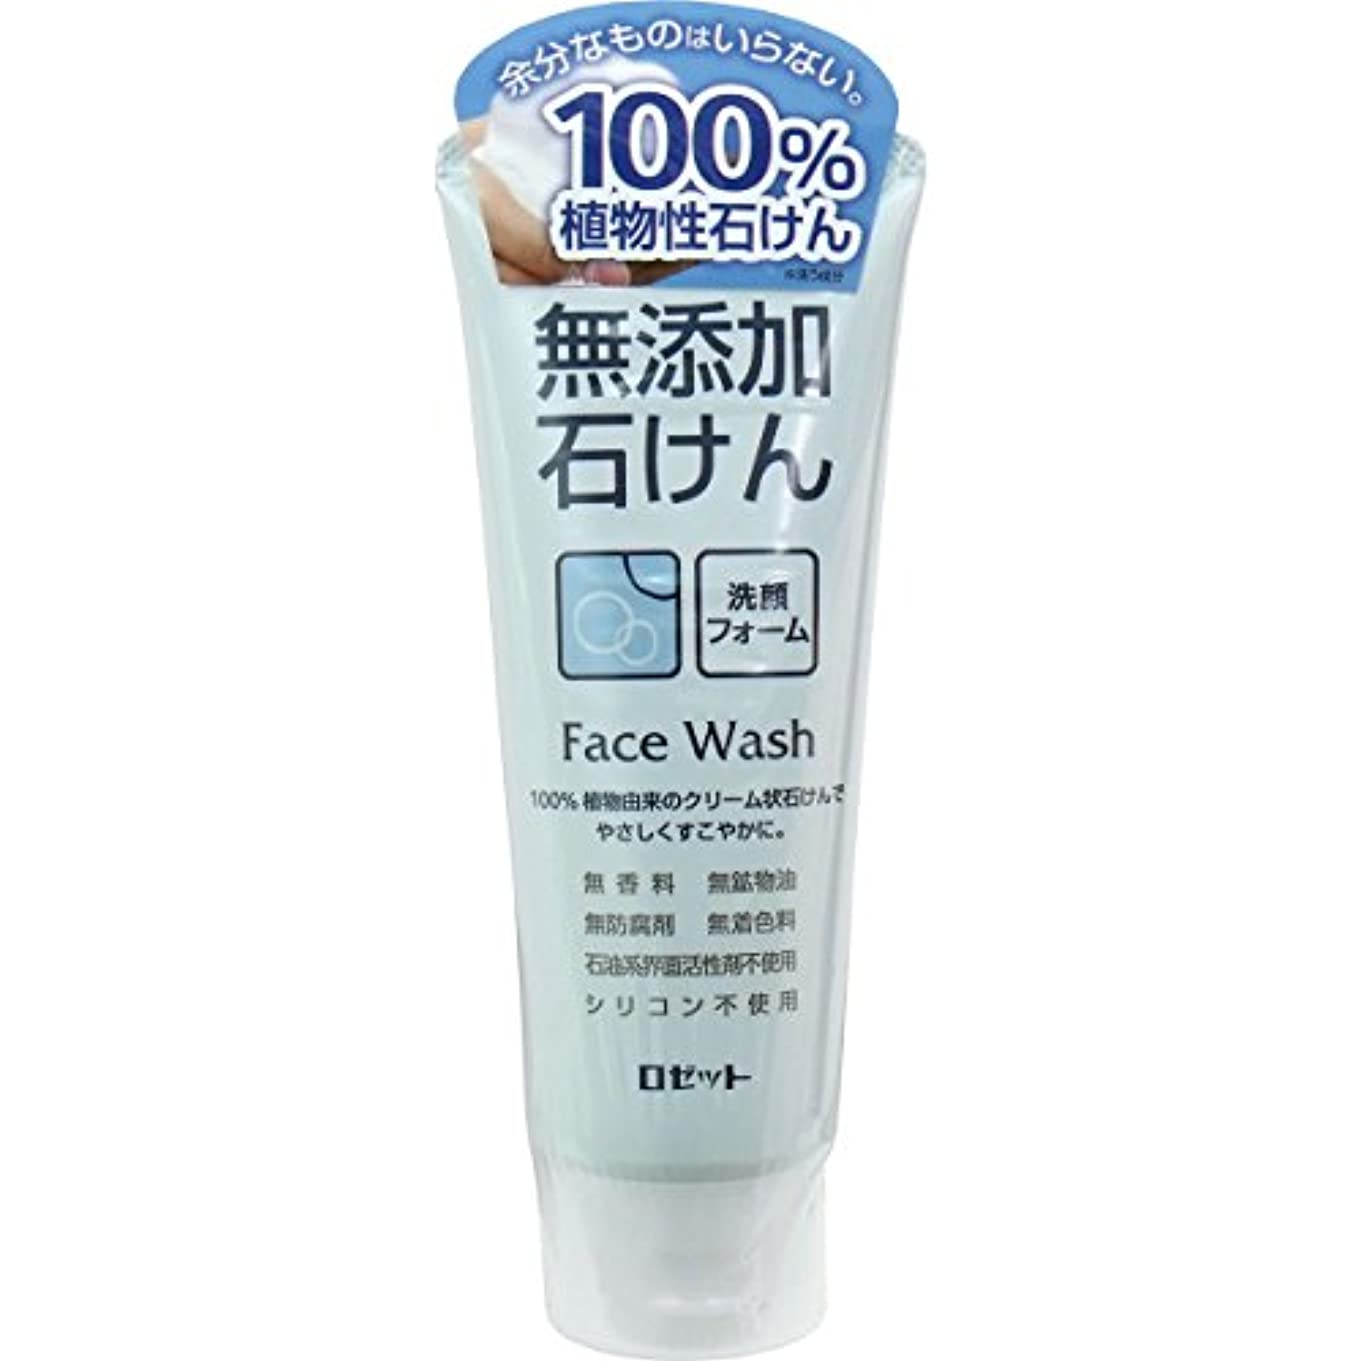 文化称賛説明的【まとめ買い】無添加石けん洗顔フォーム ×2セット